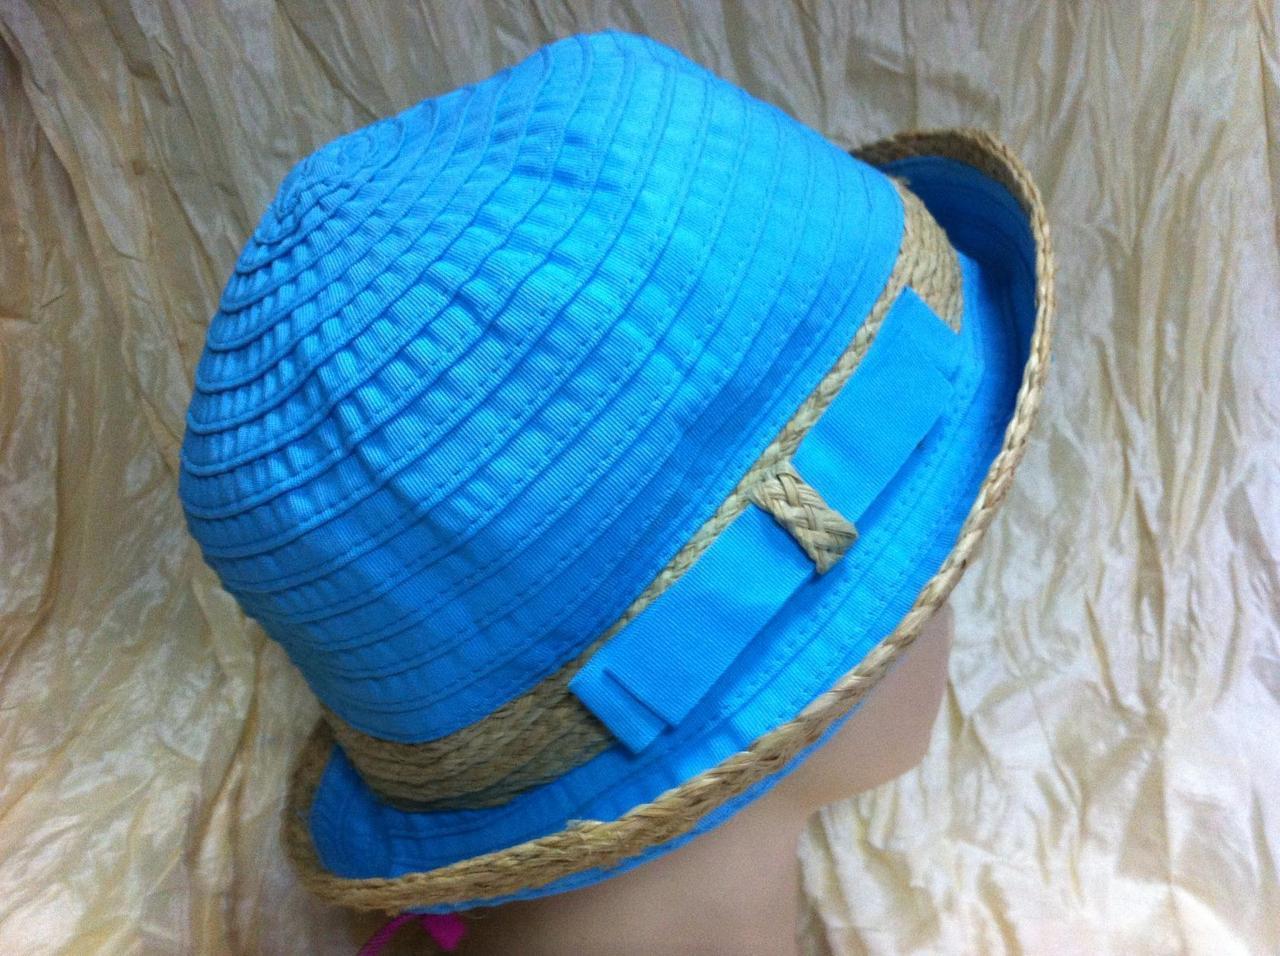 Річна жіноча капелюх колір бірюза і персикова